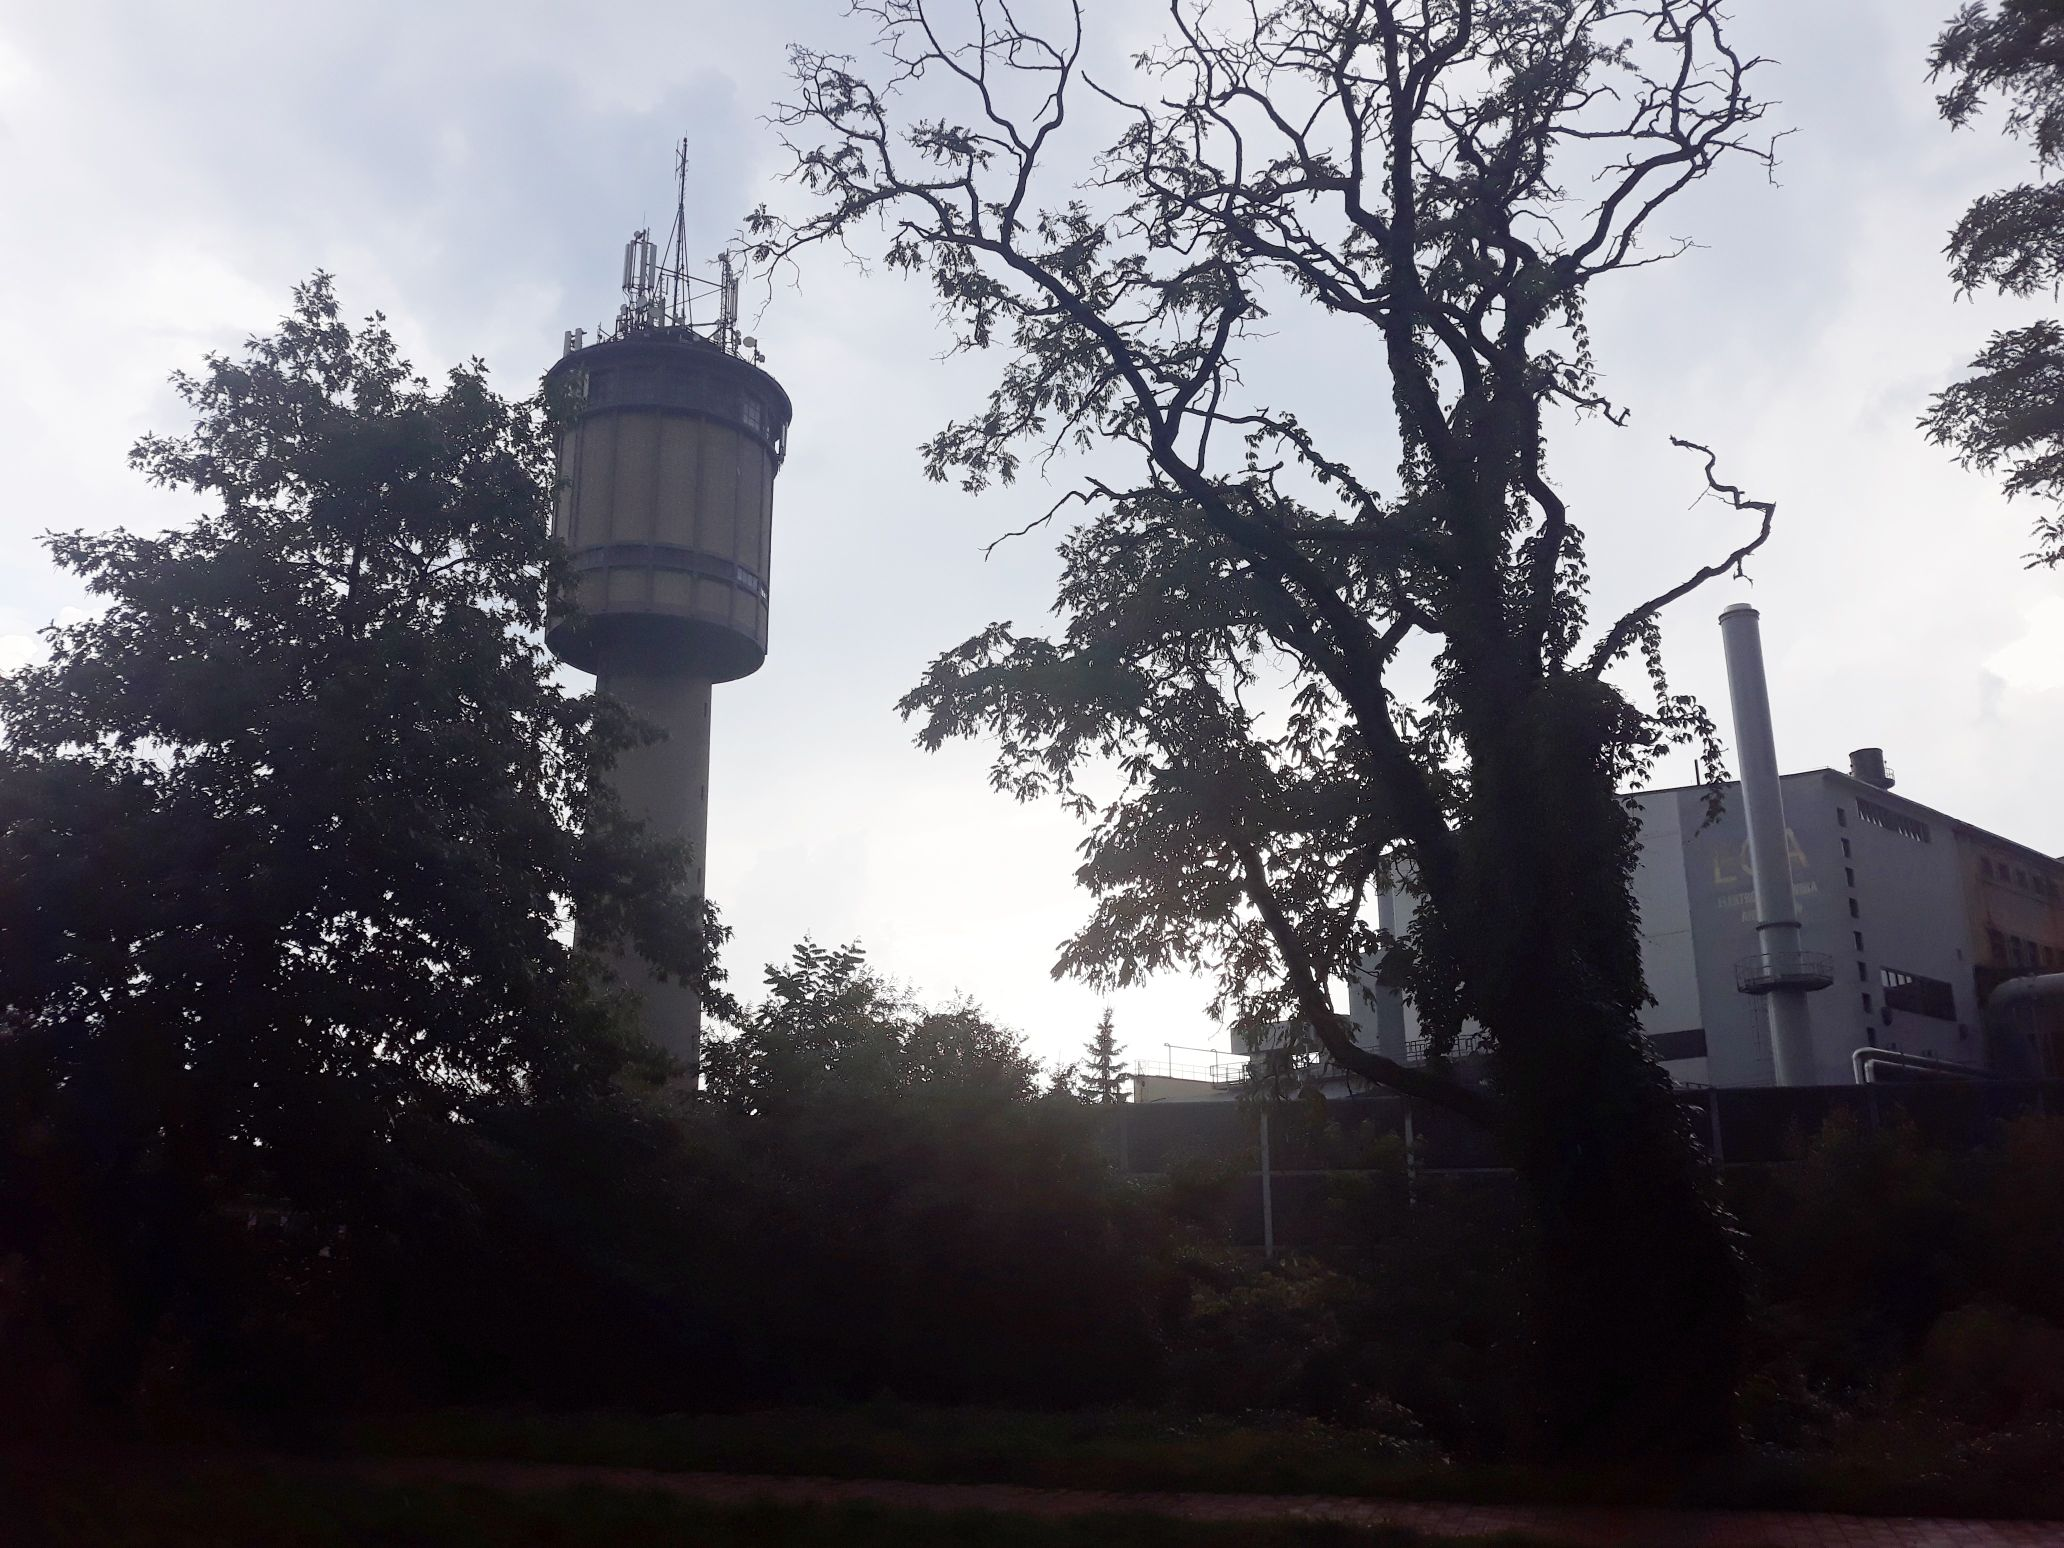 Nocne hałasy w centrum Andrychowa. Wiemy, co się dzieje